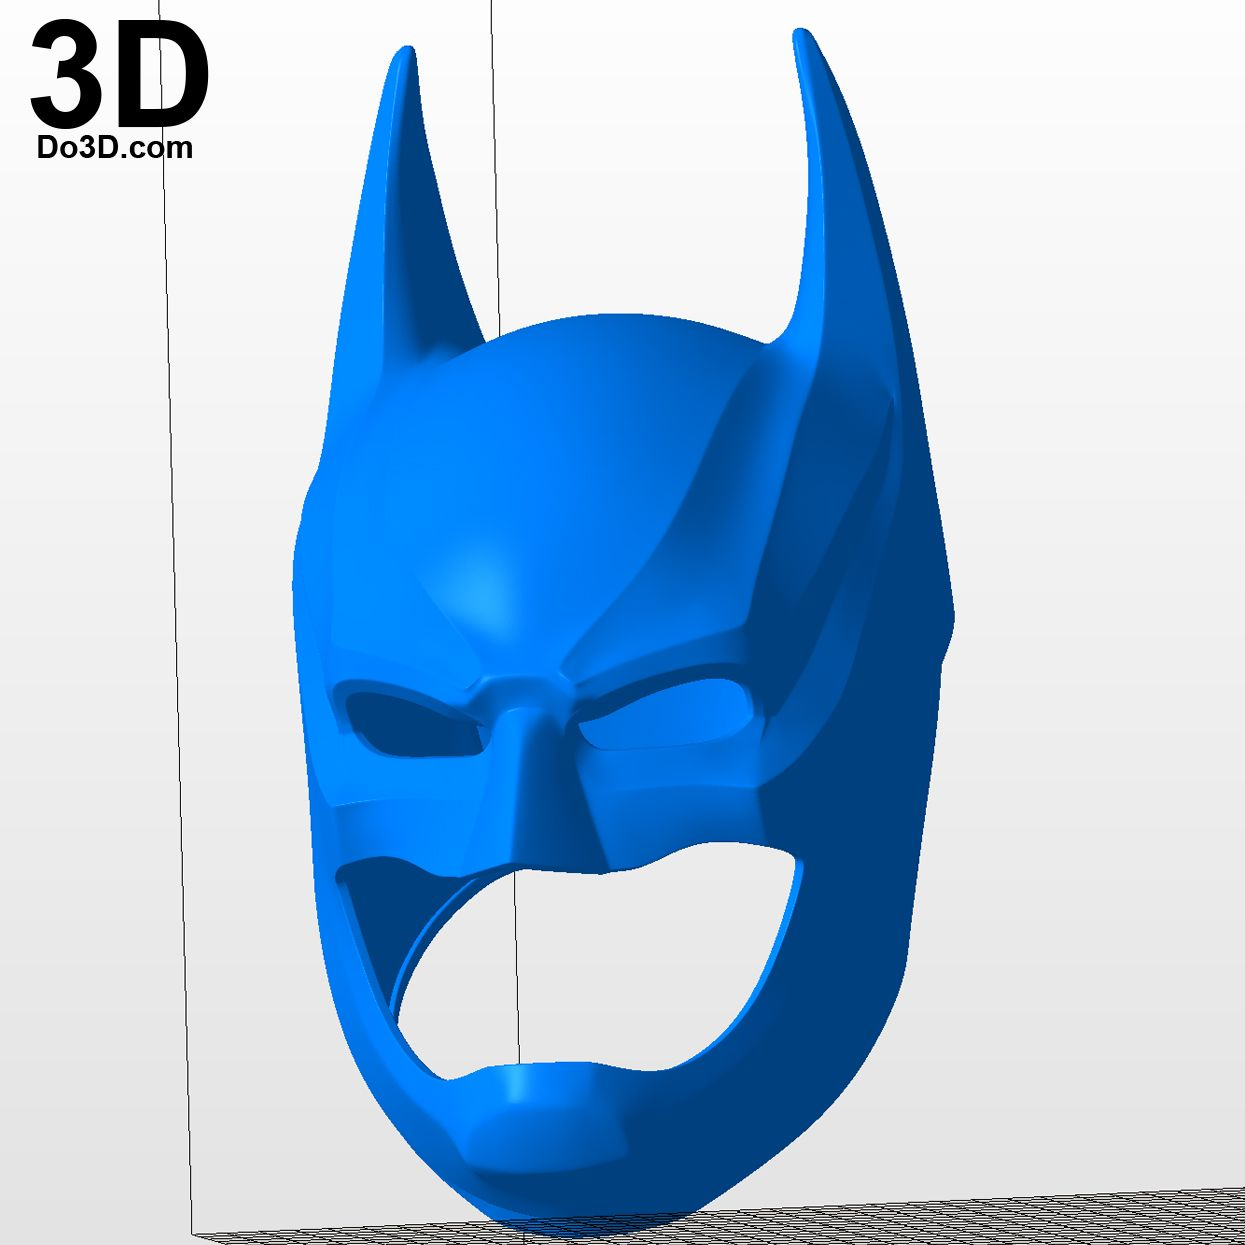 3D Printable Model: Batman Injustice 2 Helmet Cowl   Print